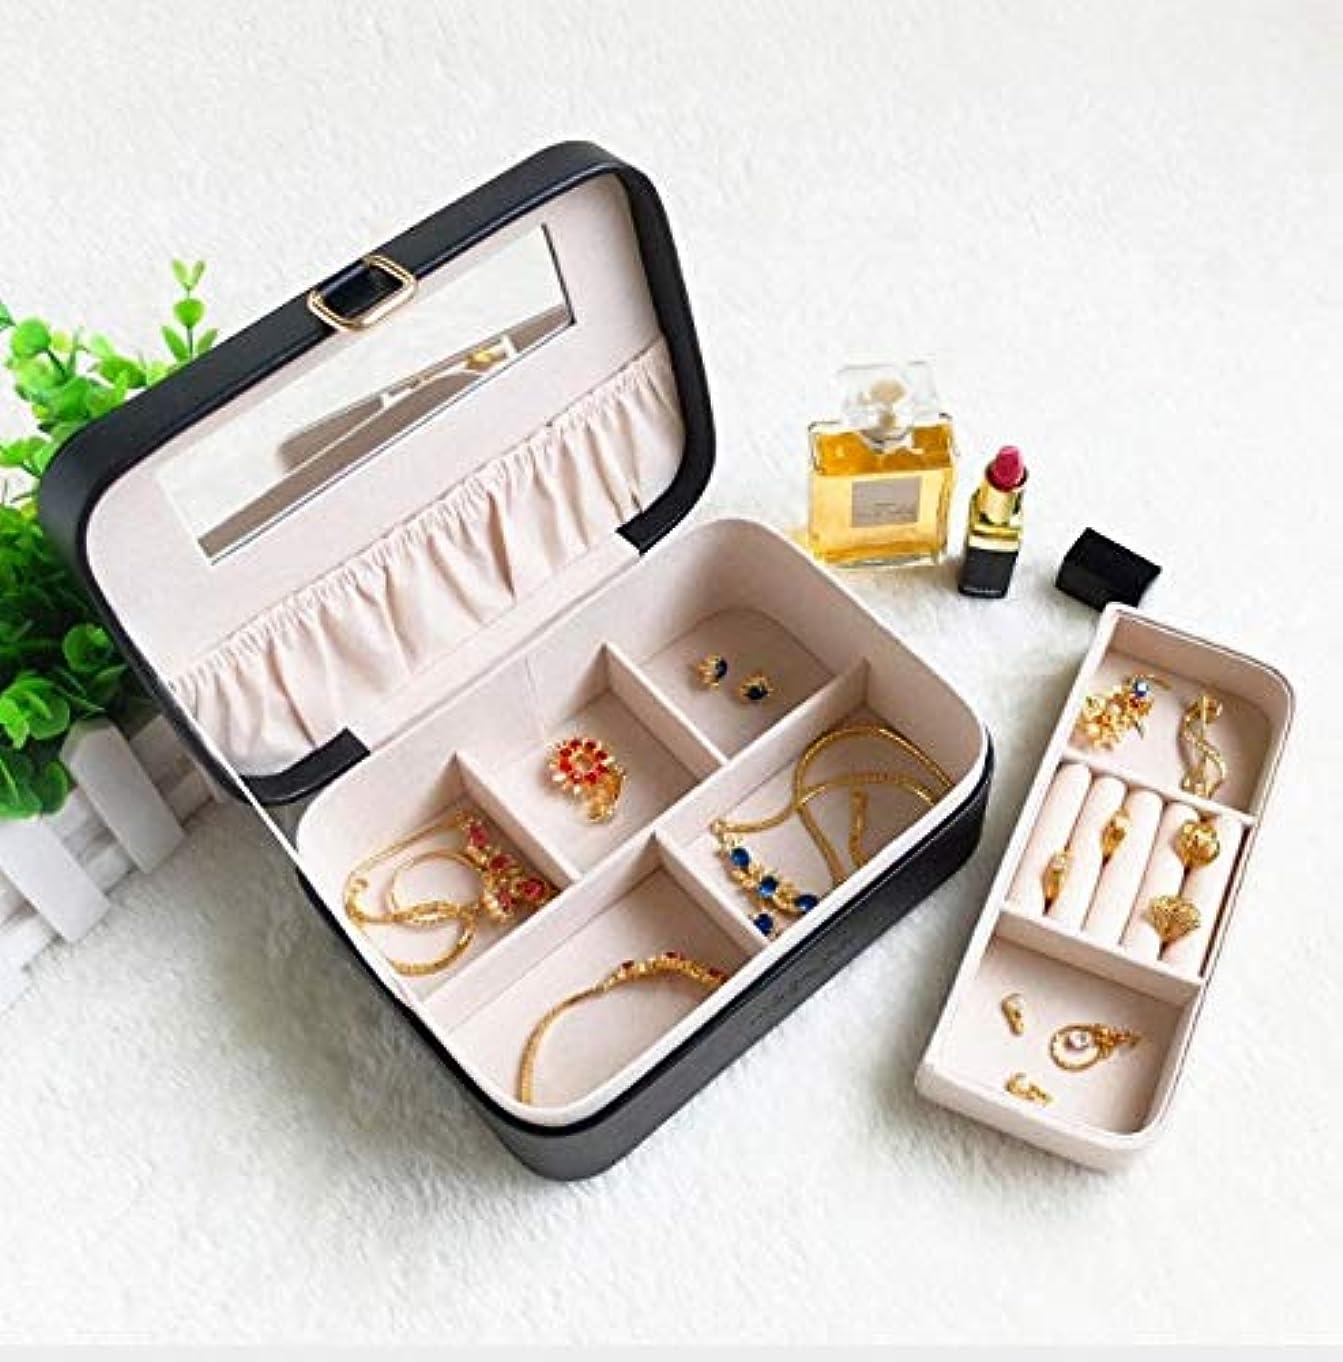 整理する地理忙しい化粧箱、レトロ化粧品防水ミラー化粧ケース、ポータブルトラベル化粧品バッグ収納袋、美容ジュエリー収納ボックス (Color : ブラック)